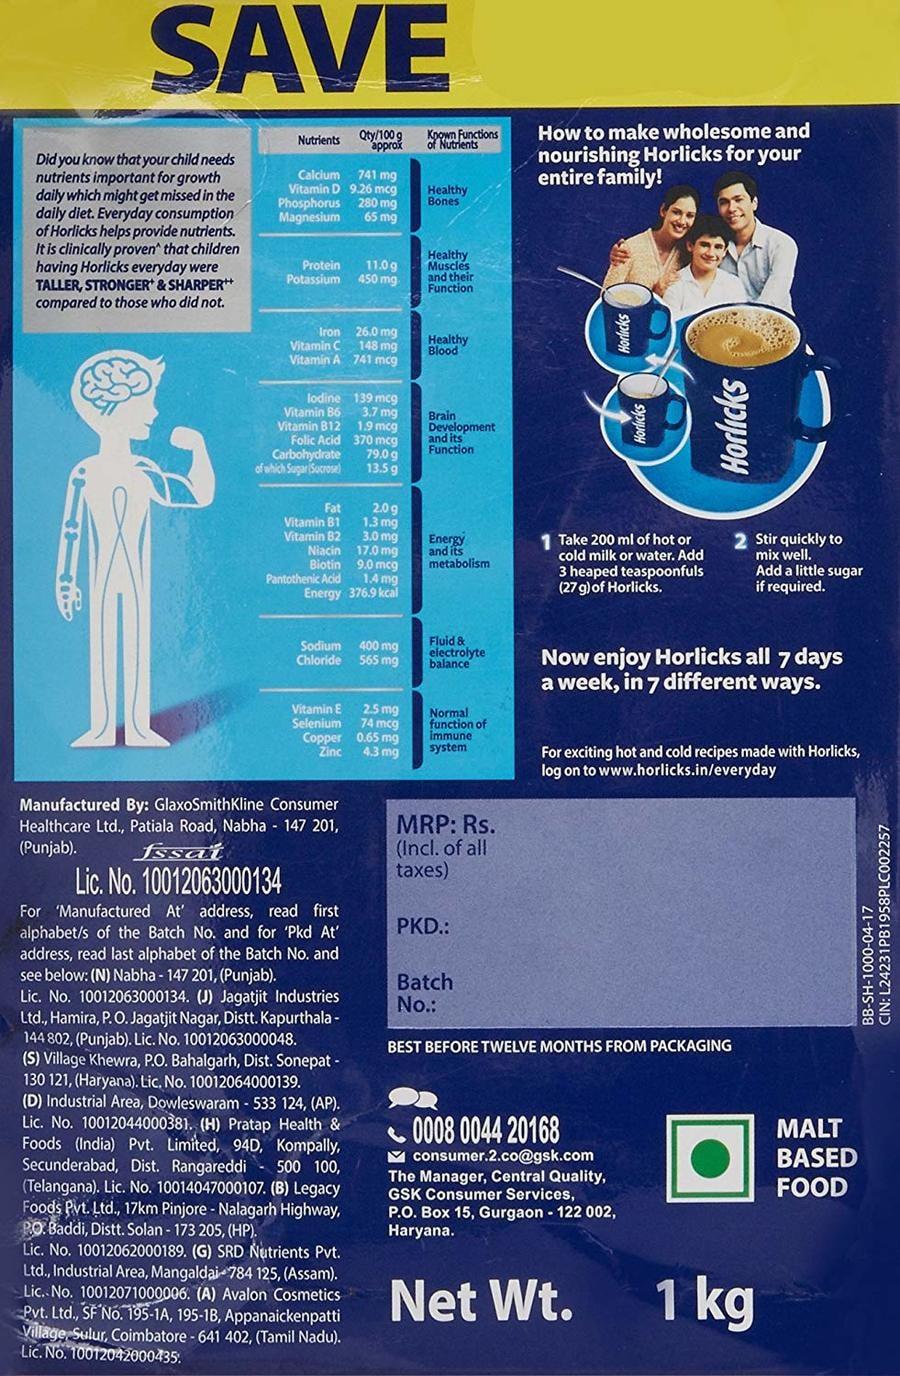 Horlicks - Health & Nutrition Drink (classic Malt) 1kg Refill Pack